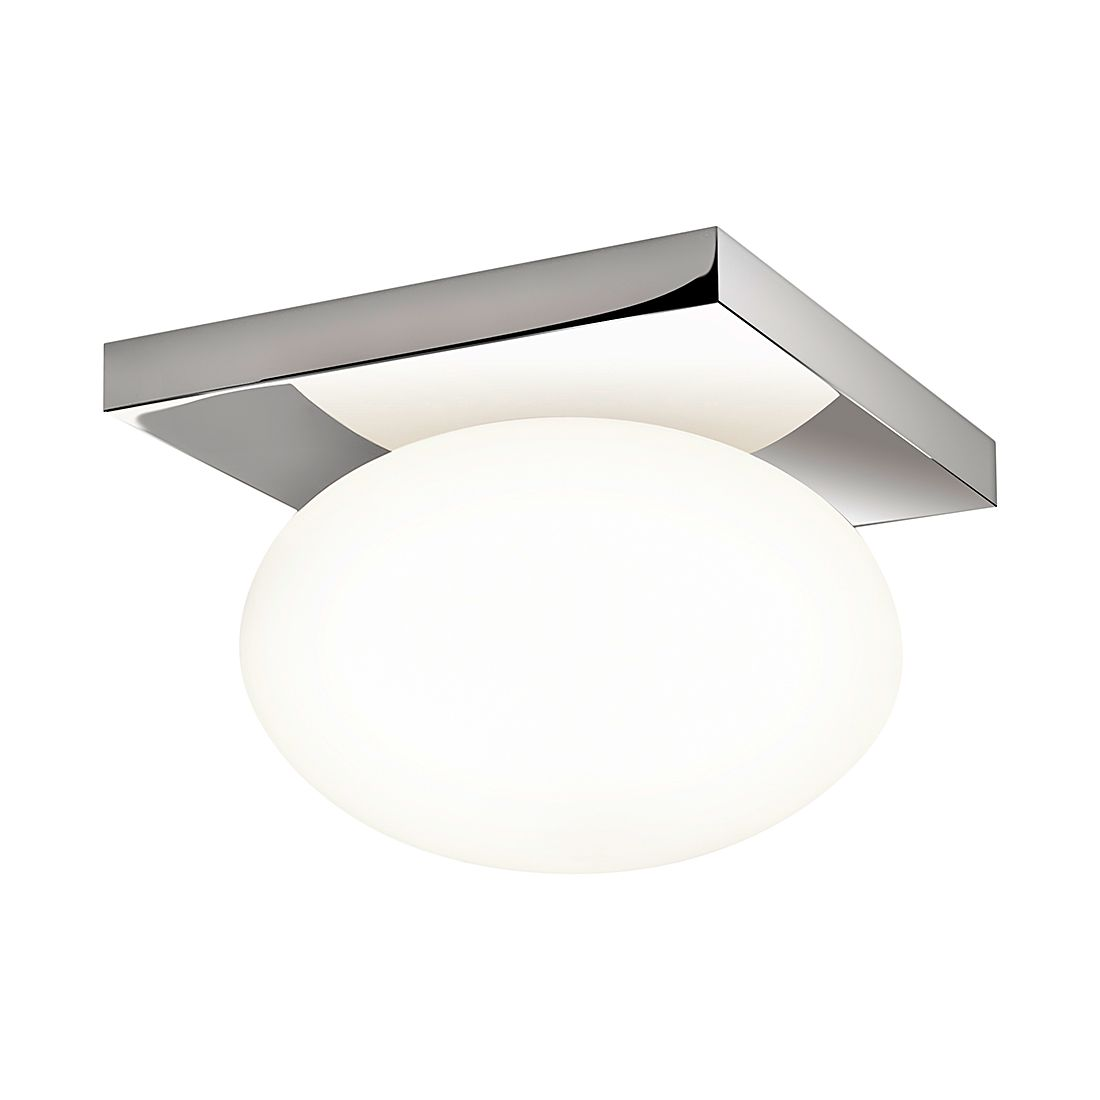 Deckenleuchte Castiro 225 ● Weiß ● 1-flammig- Illumina A++